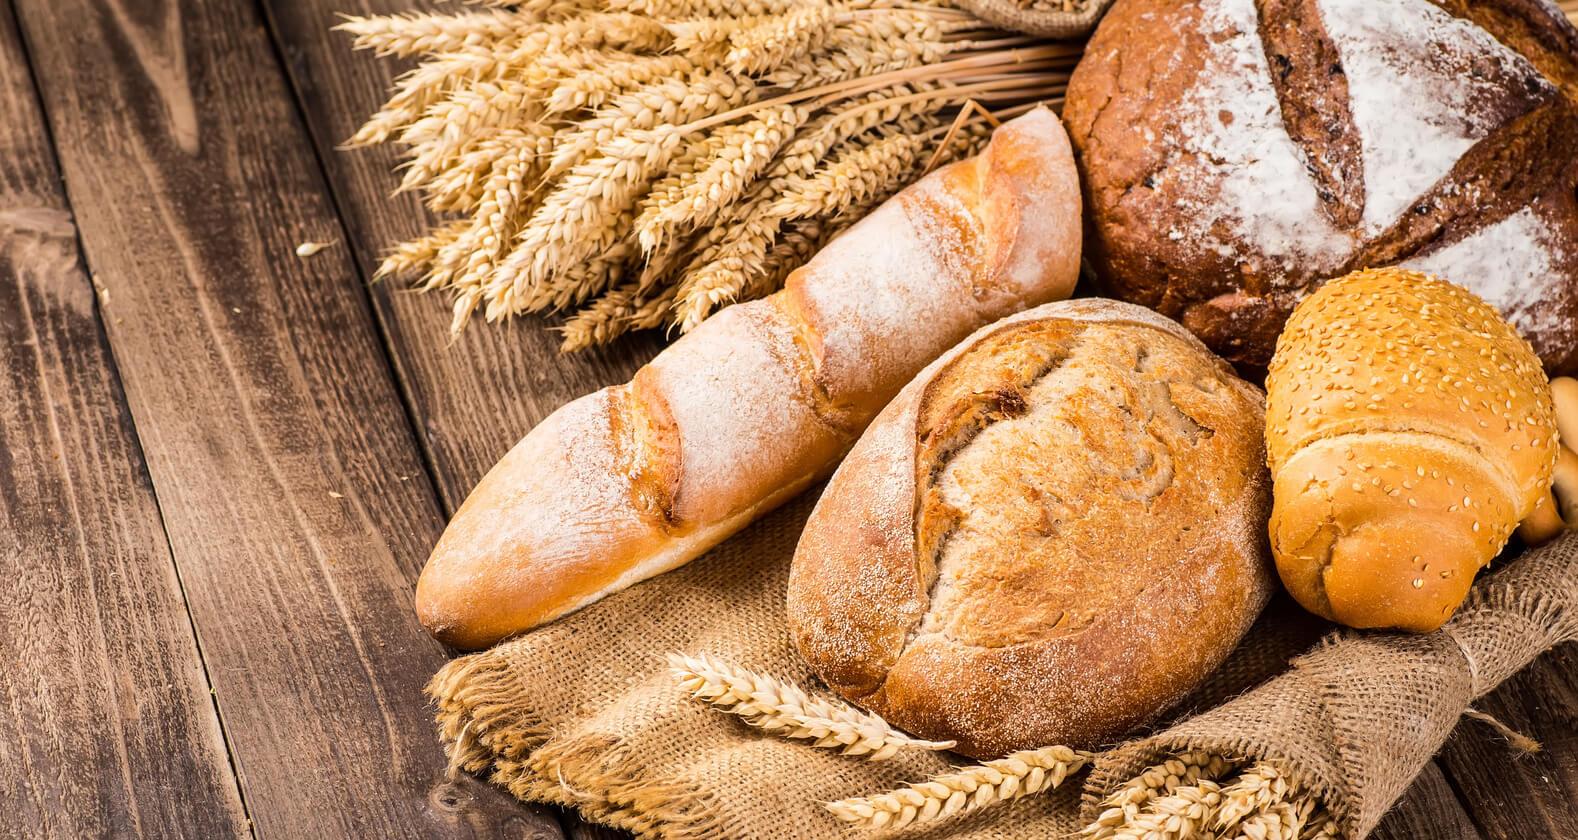 Zöliakie Alles über Glutenunverträglichkeit